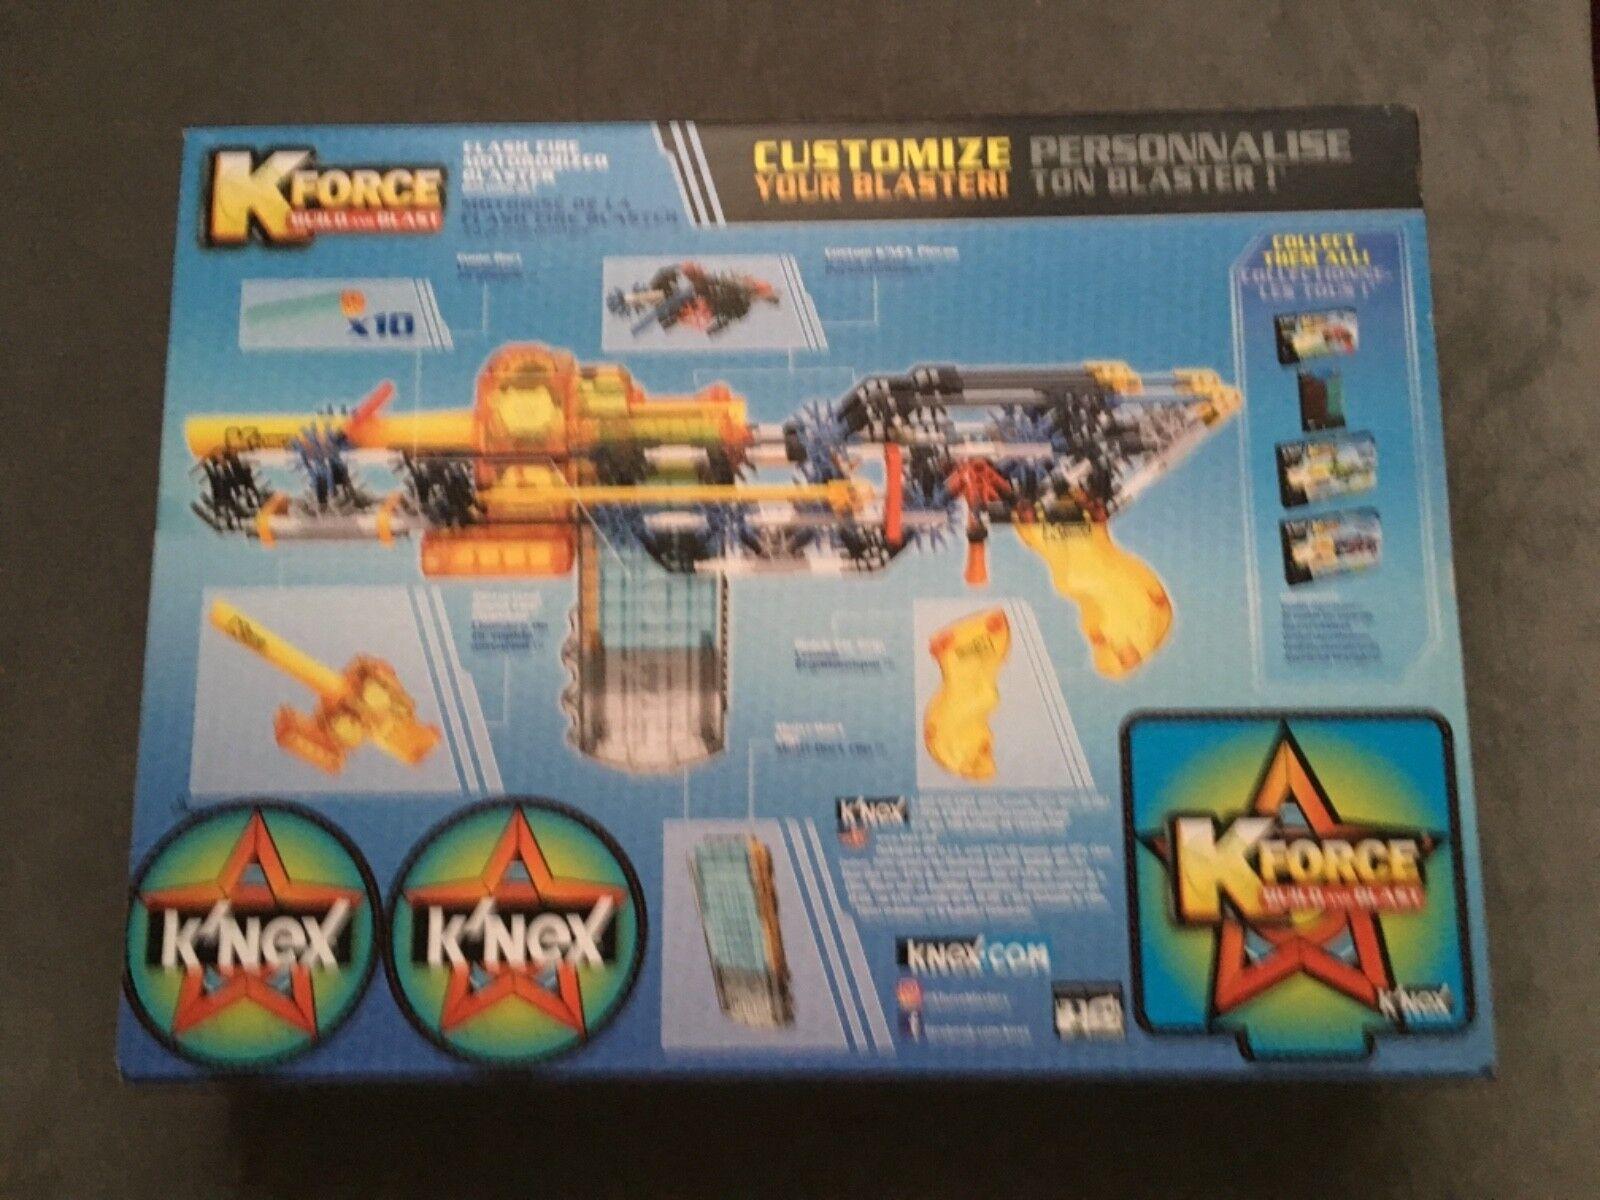 Neue k'nex kforce feuerwalze motorisierten blaster